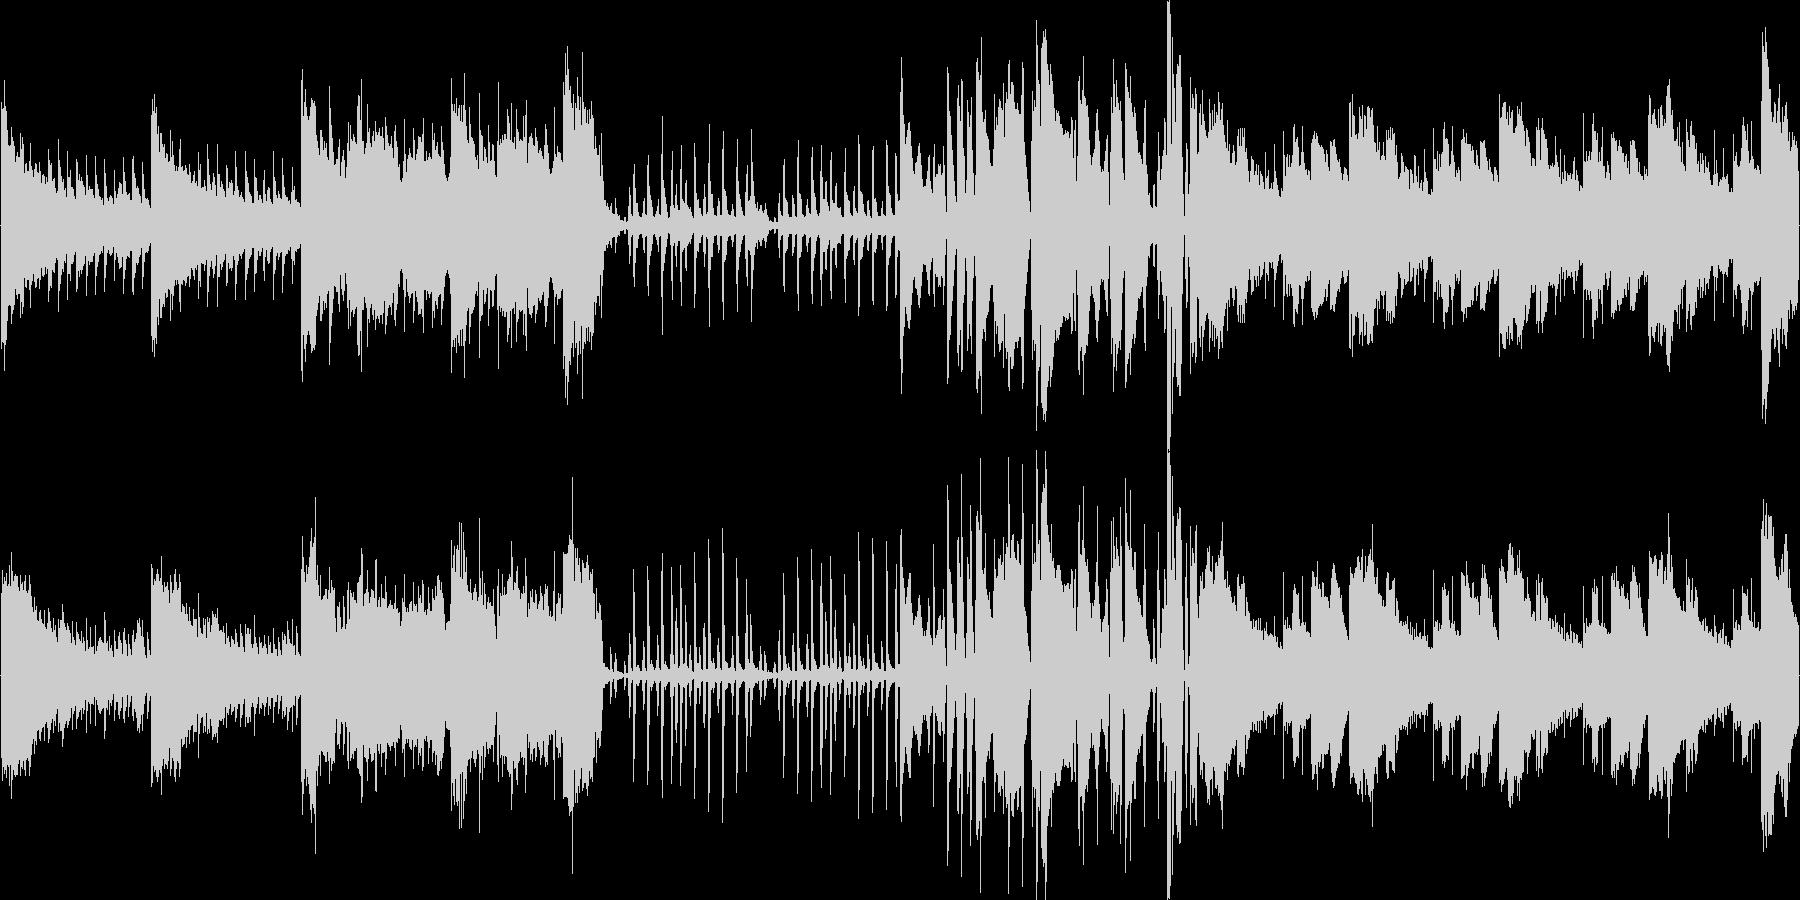 ちょっとダーク系の曲ですの未再生の波形